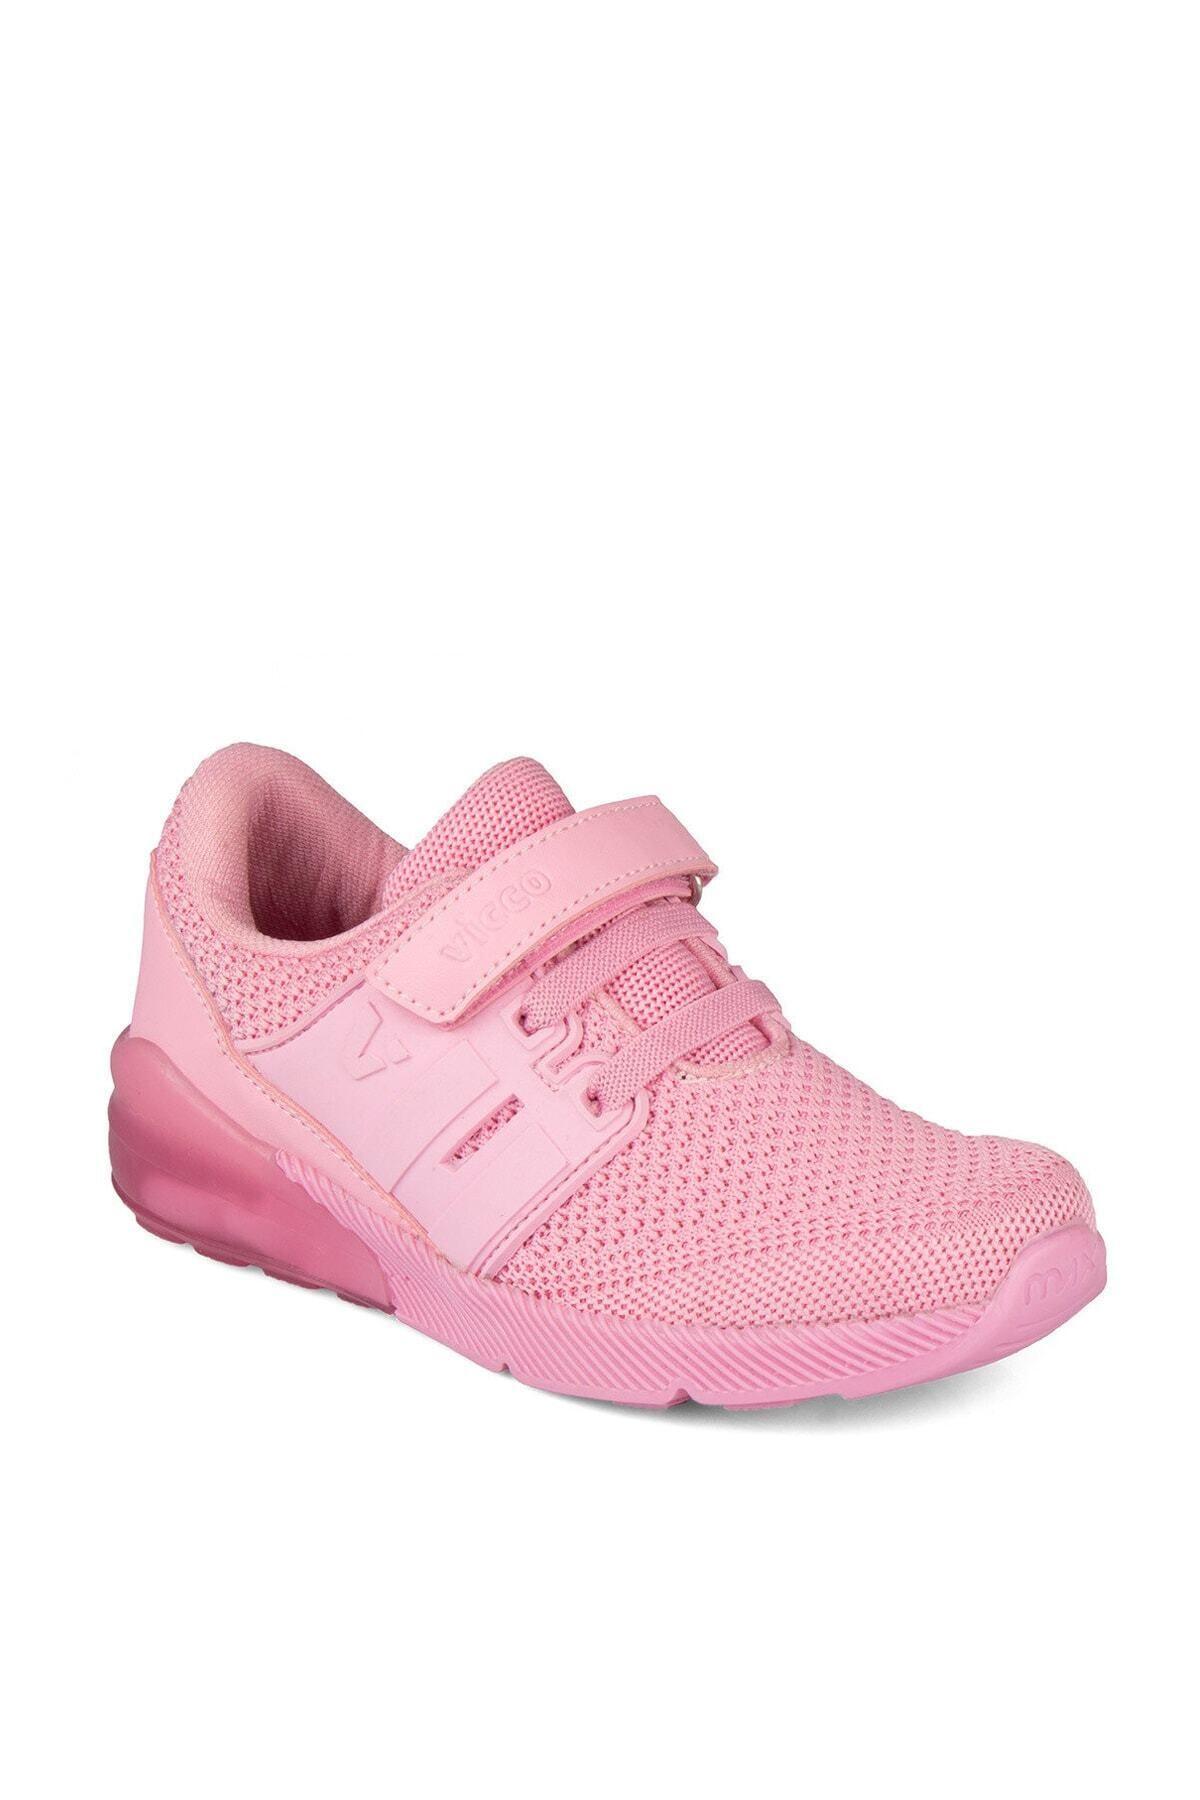 Vicco 313.F20Y.103 Pembe Kız Çocuk Koşu Ayakkabısı 100578712 1